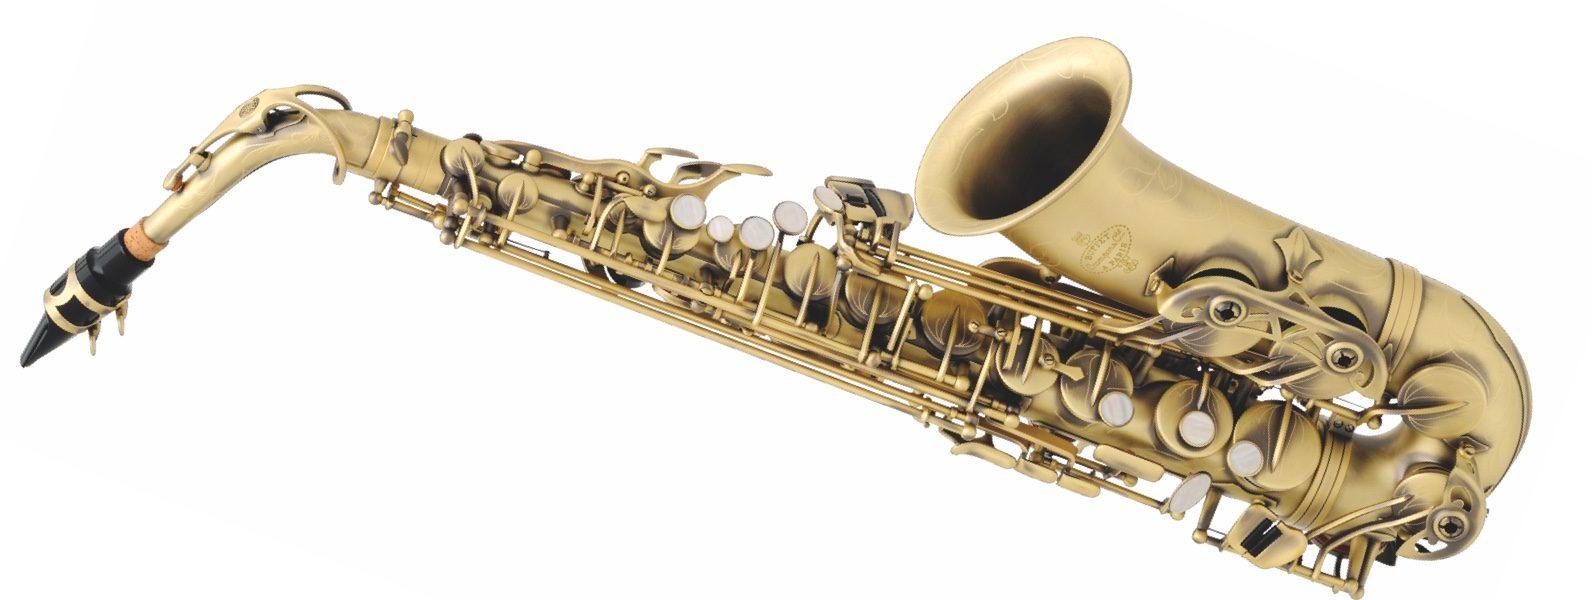 saxophones buffet crampon rh buffet crampon com buffet alto saxophone prices buffet alto saxophone